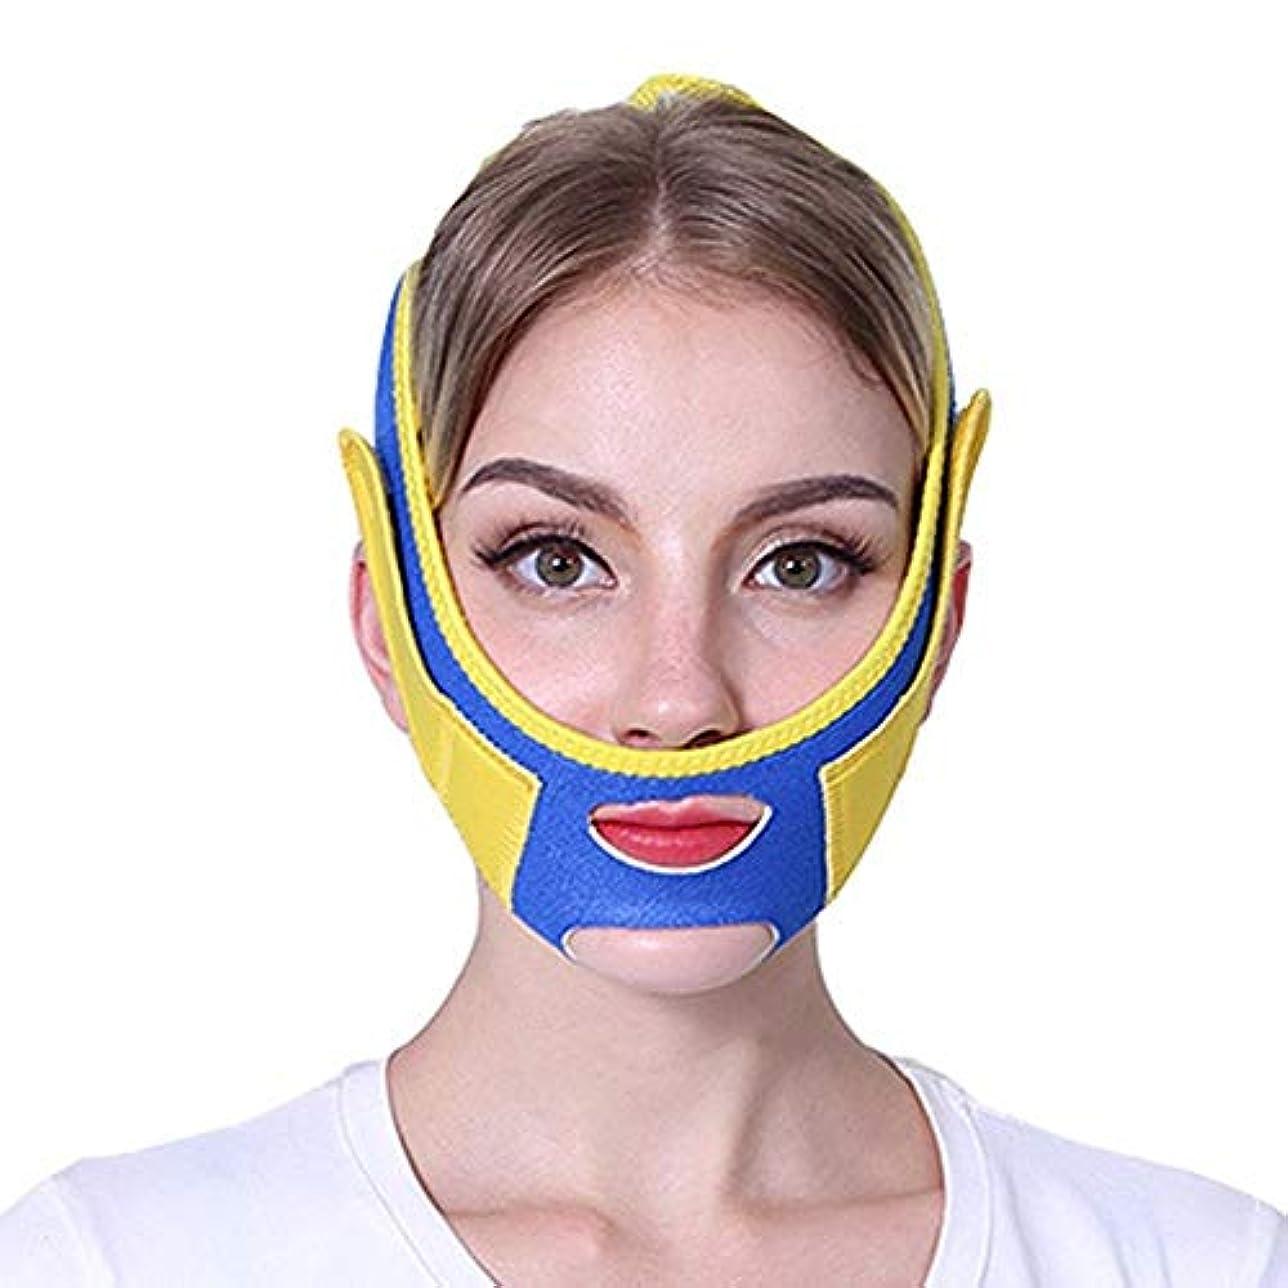 苦しみ誘惑抵抗力があるフェイスリフティング包帯、フェイシャルマッサージV字型で肌の弾力性を高め ダブルチンの美容ケアツール (Color : Blue)